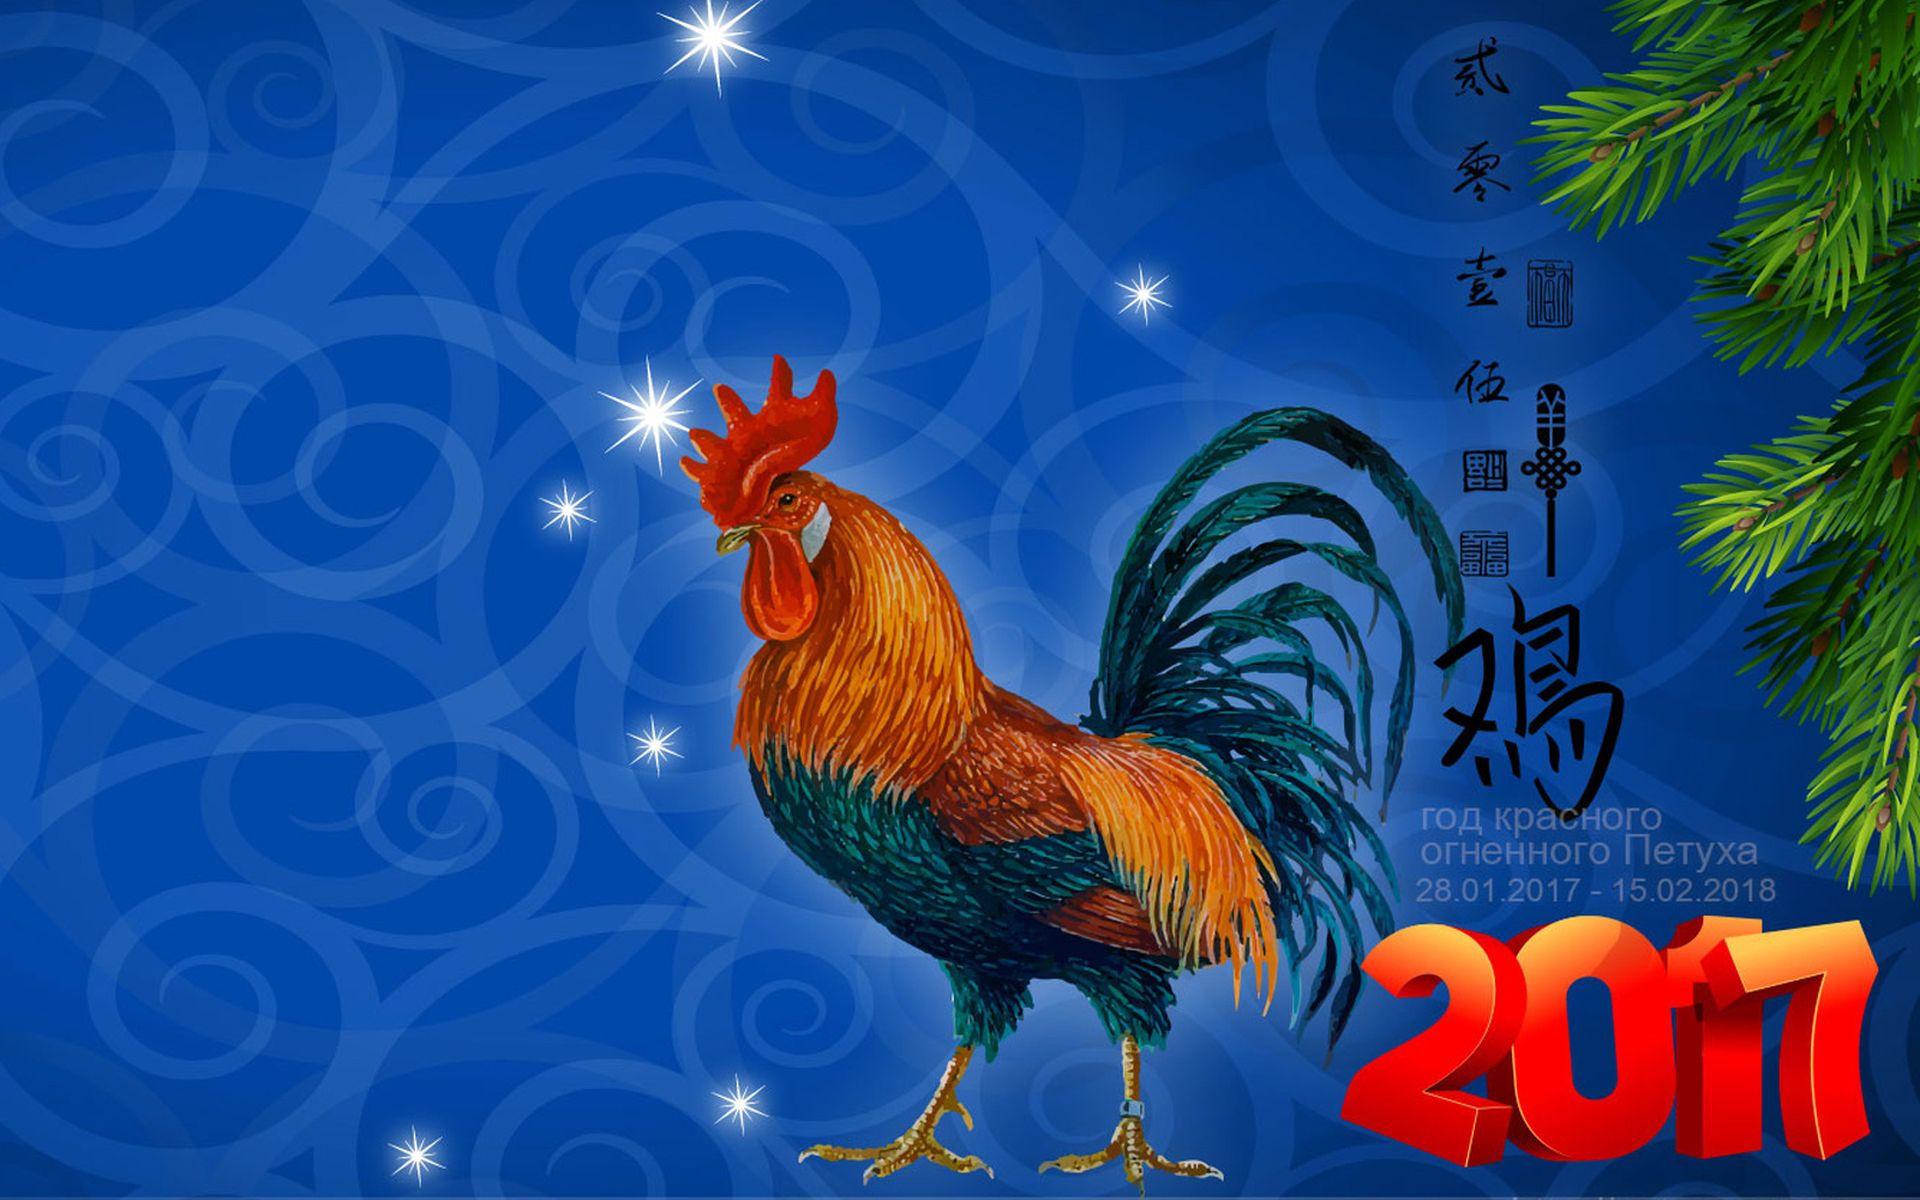 Петух символ 2017 года